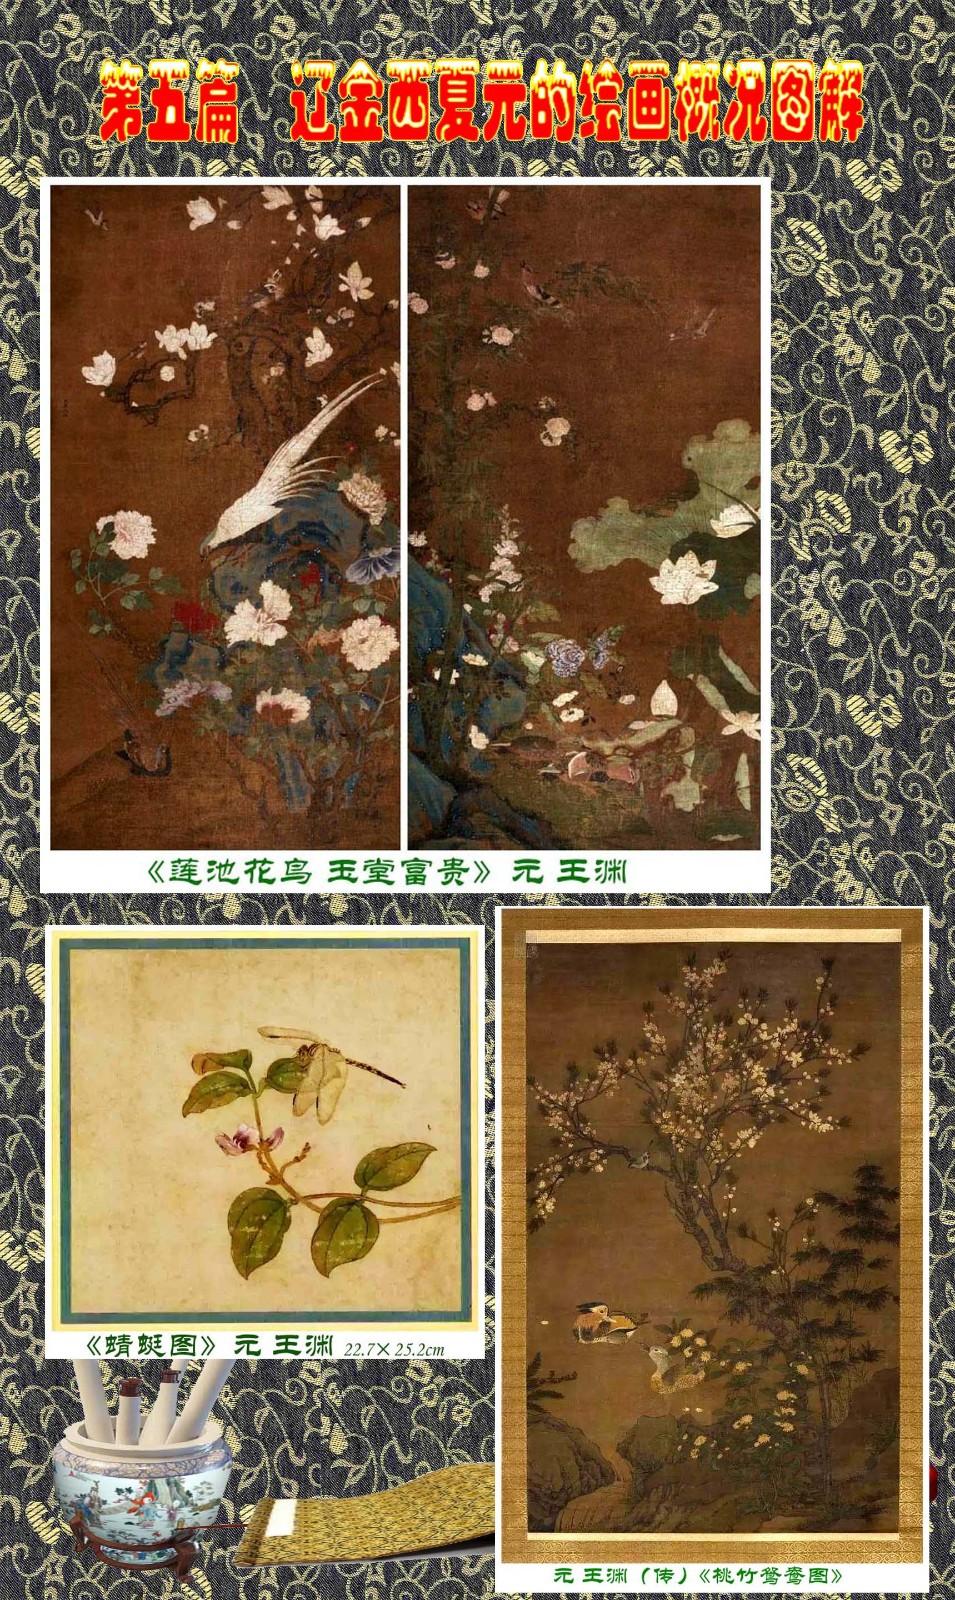 顾绍骅编辑 中国画知识普及版 第五篇 辽金西夏元的绘画概况 下 ... ..._图1-69